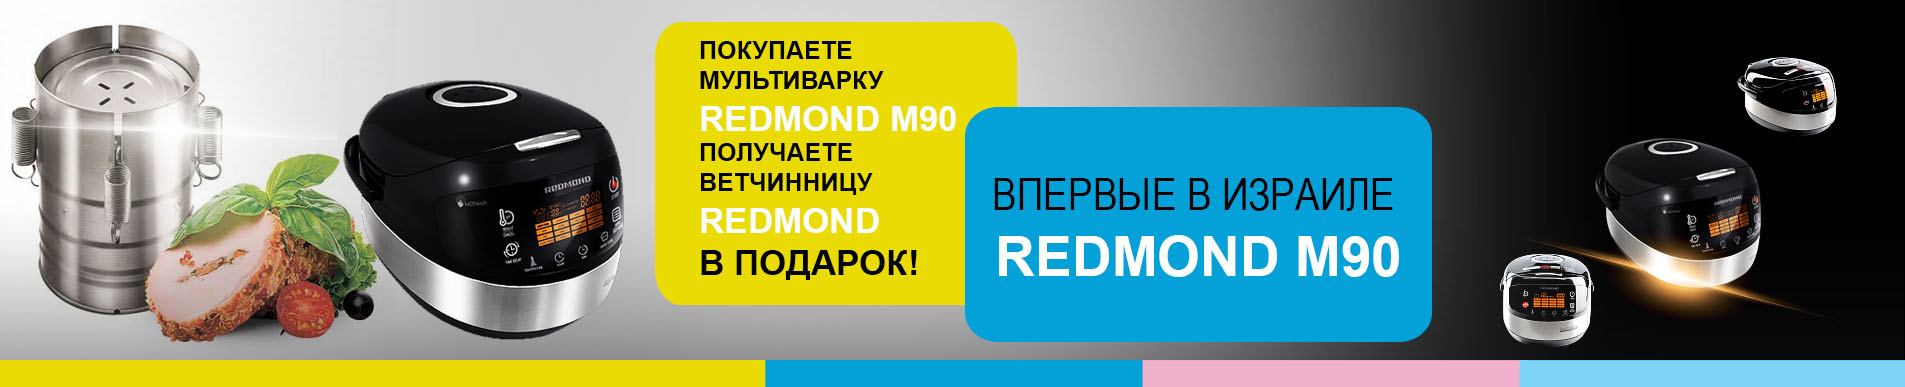 Redmond_2